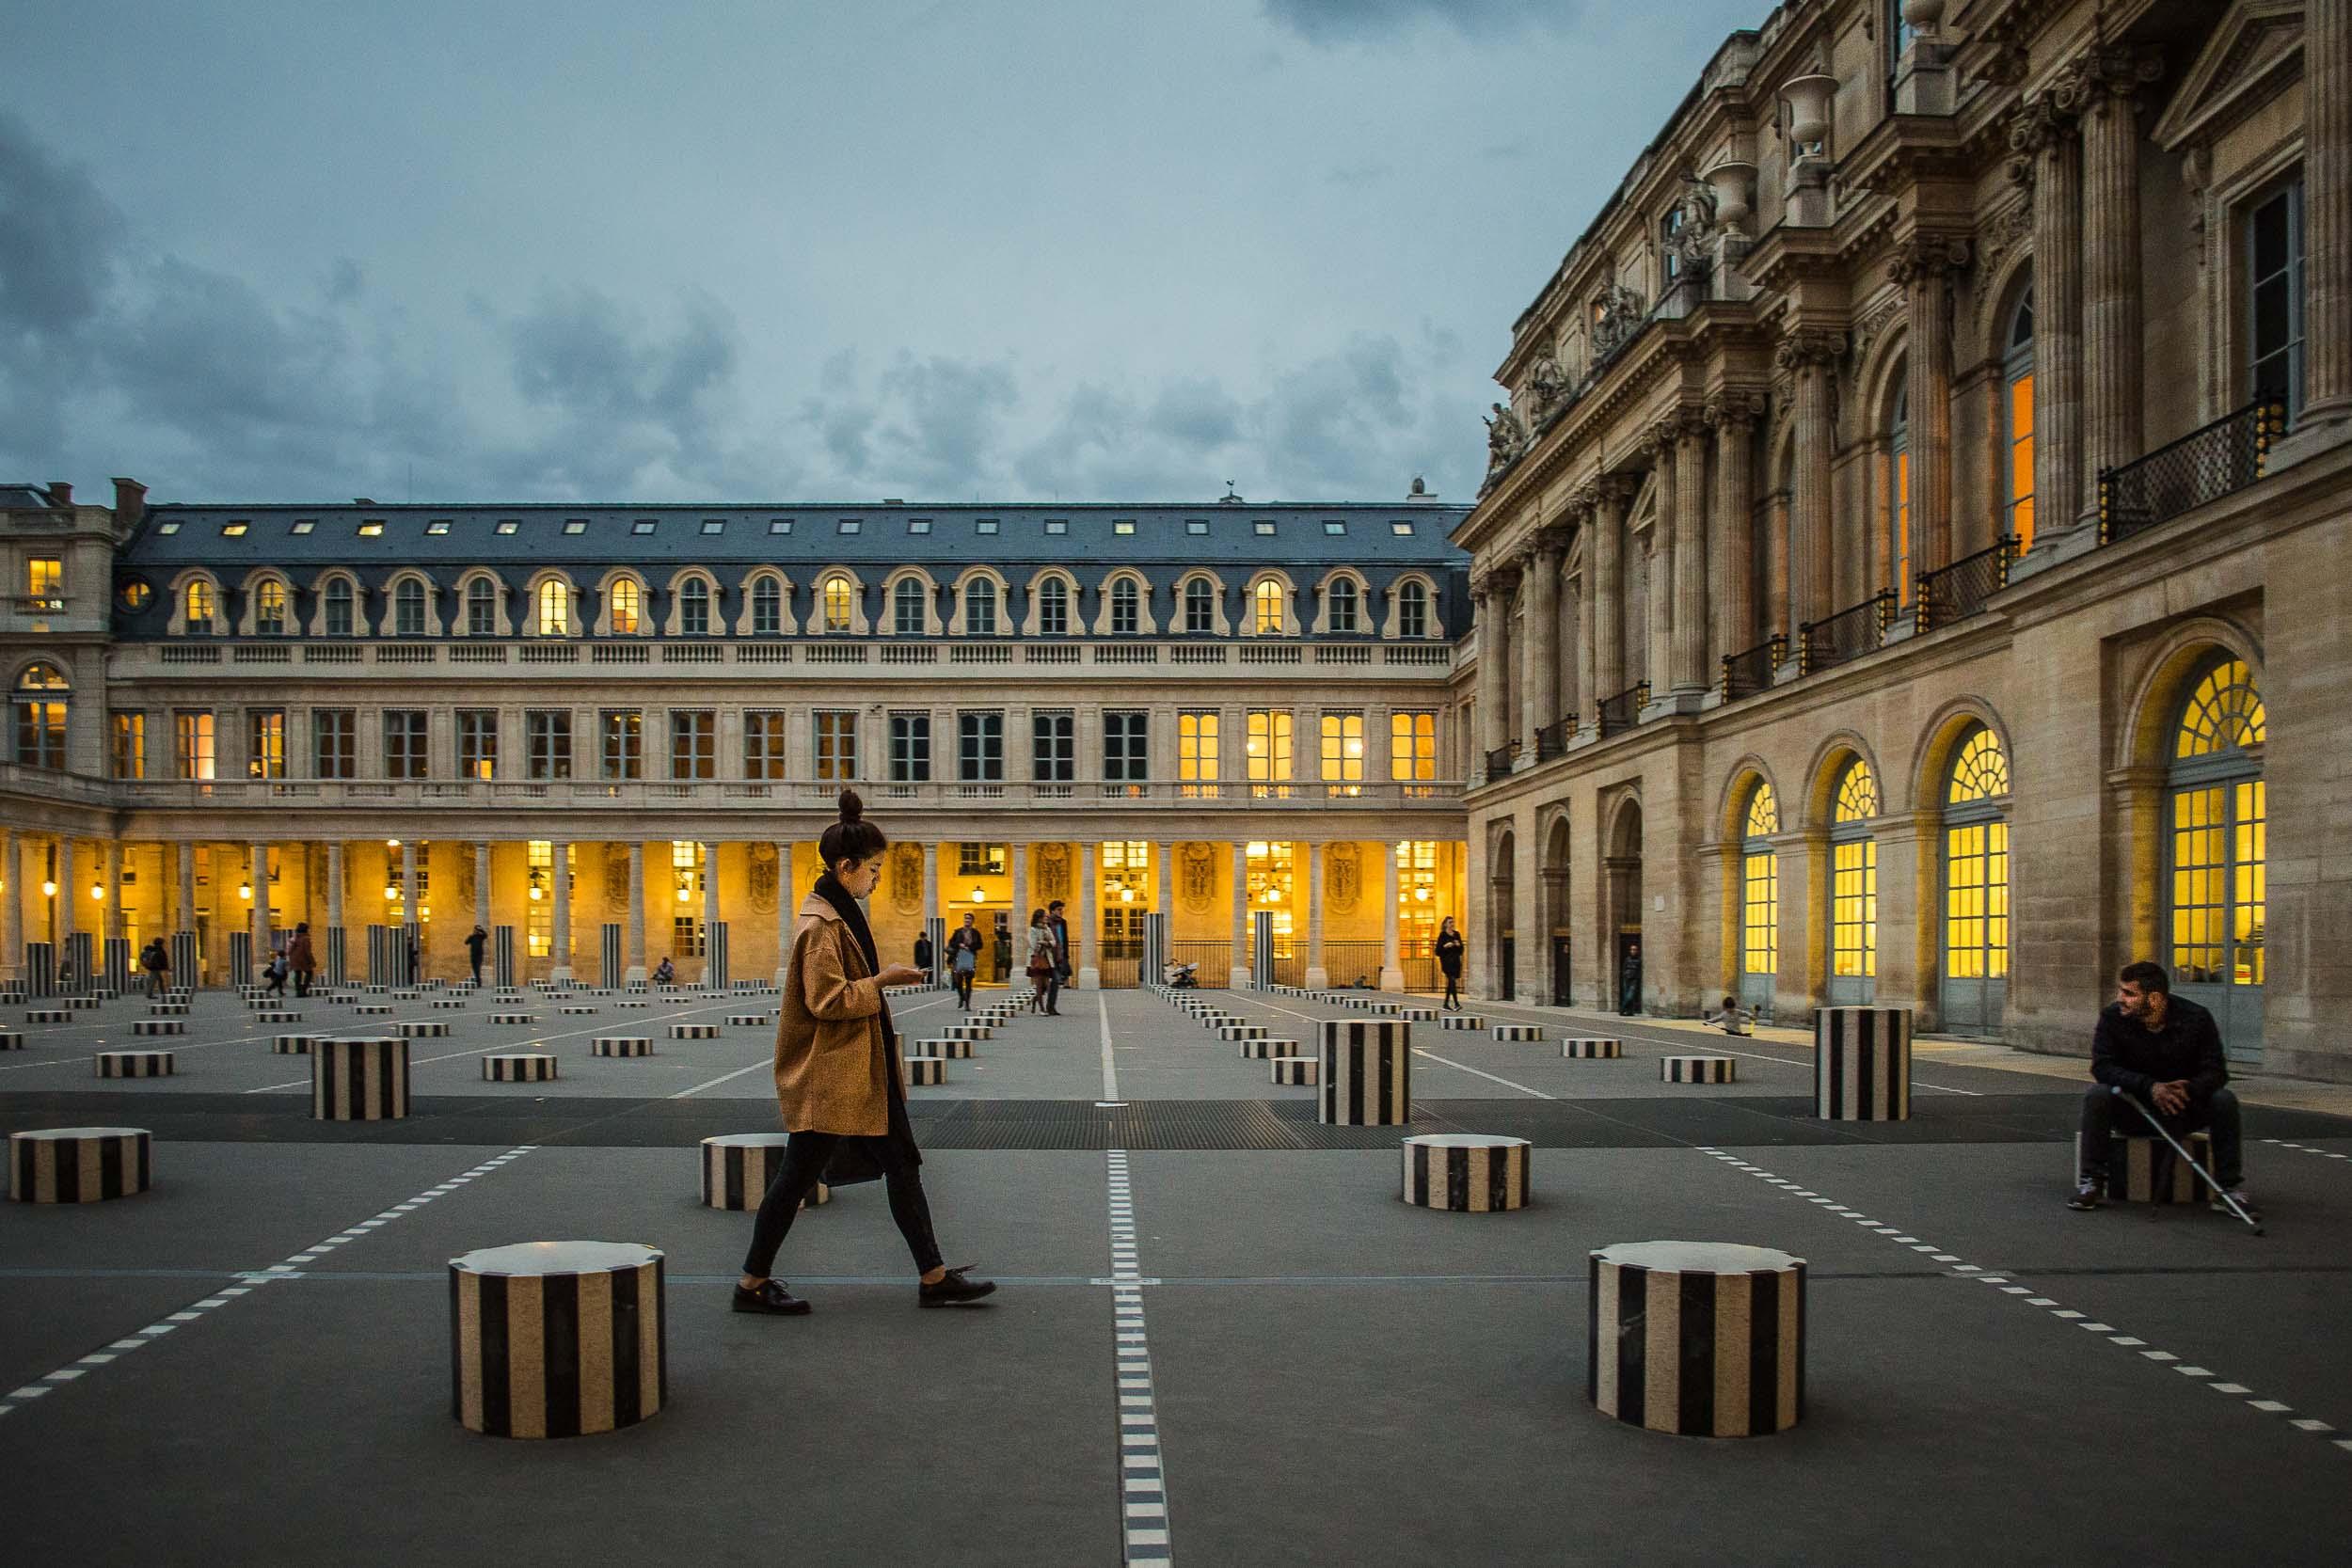 Paris-Palais-Royal-Woman-Walking-Man-Sitting.jpg